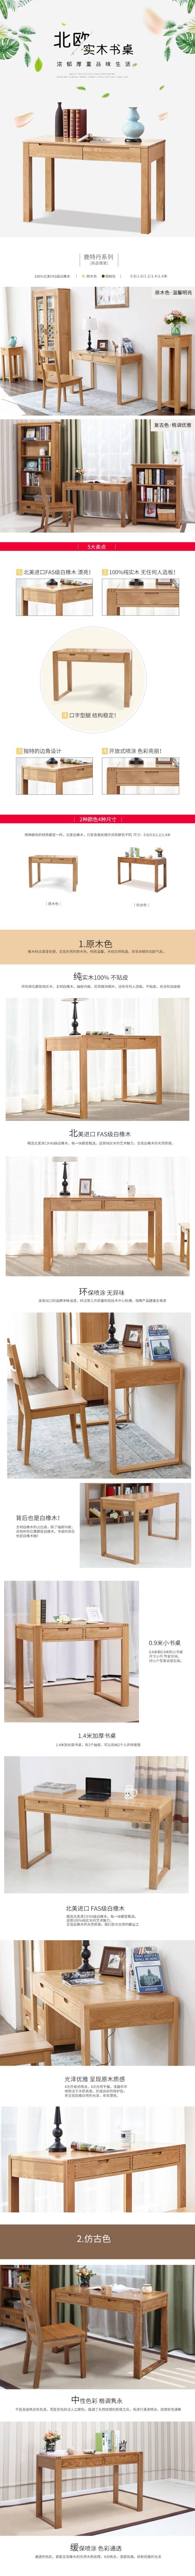 北欧实木书桌办公家具详情页